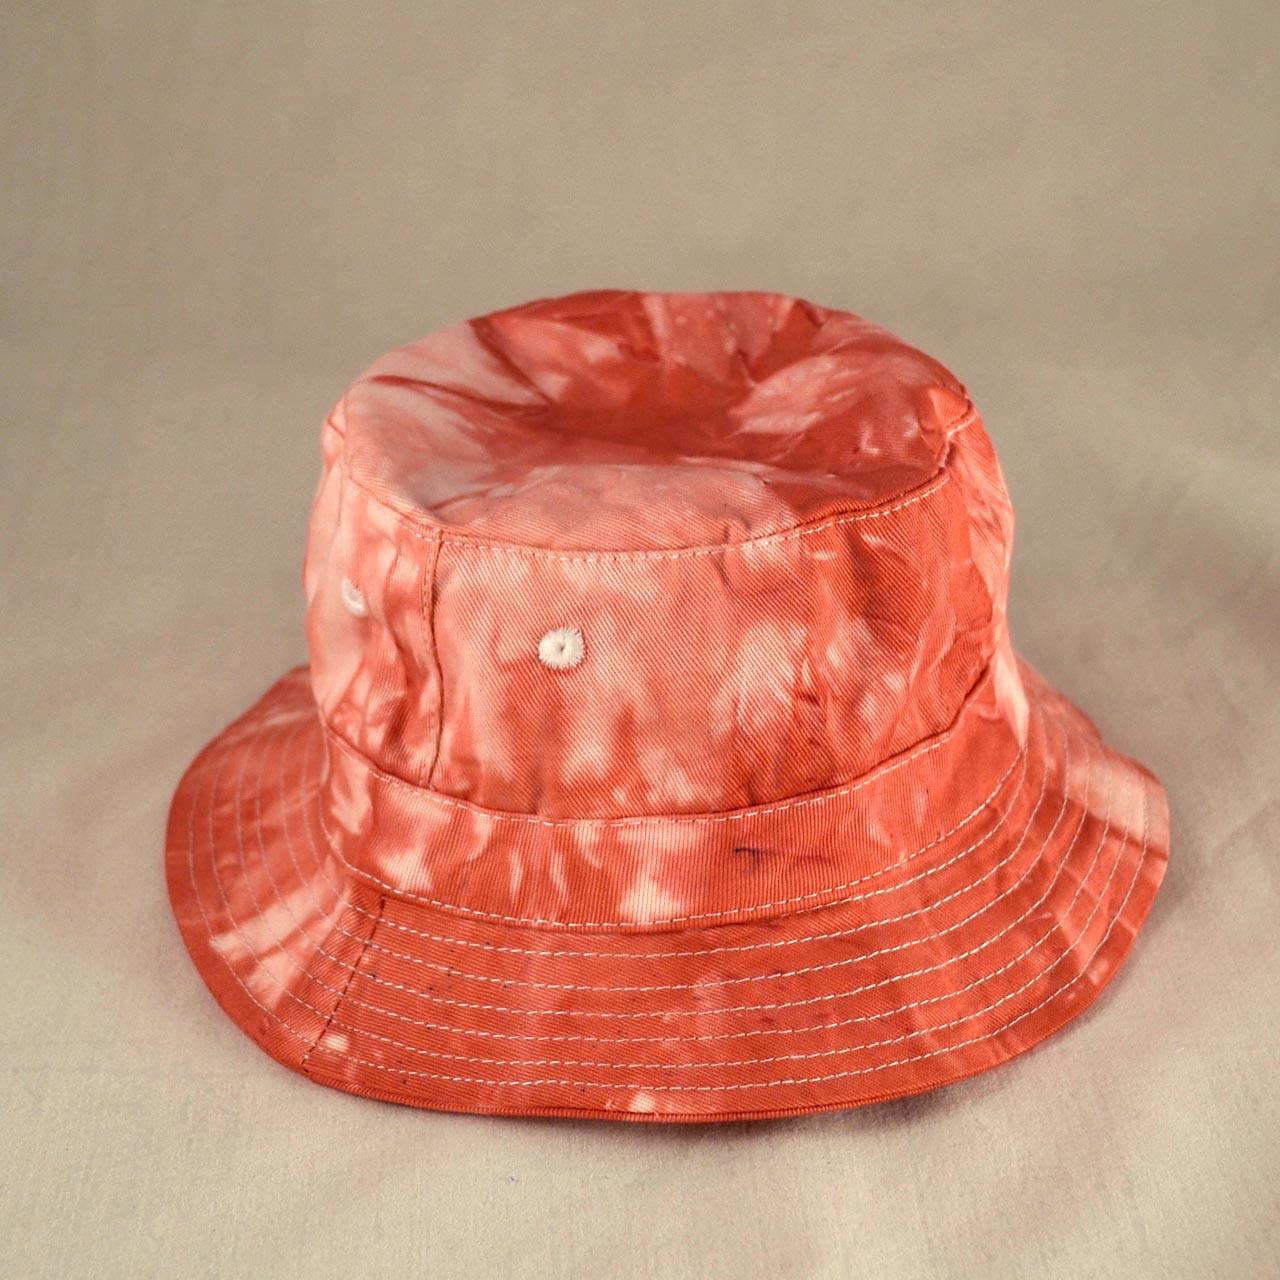 Batikovaný dětský klobouček - růžovovínový   Zboží prodejce dzejn.n ... ad2aa5308d